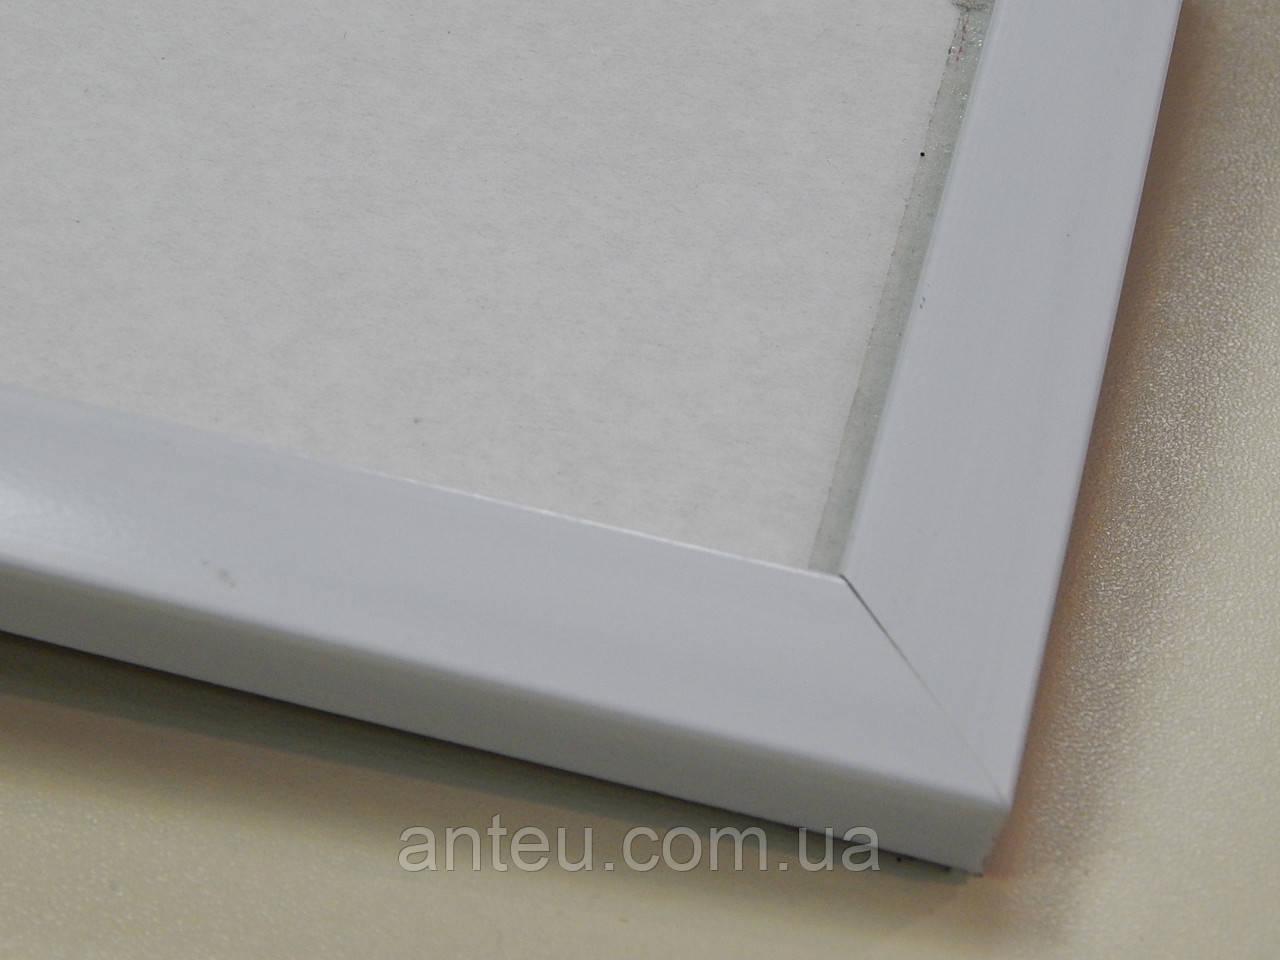 Рамка А2 (420х594)Антибликовое стеклоБелый  матовый.22 мм.Пластик.